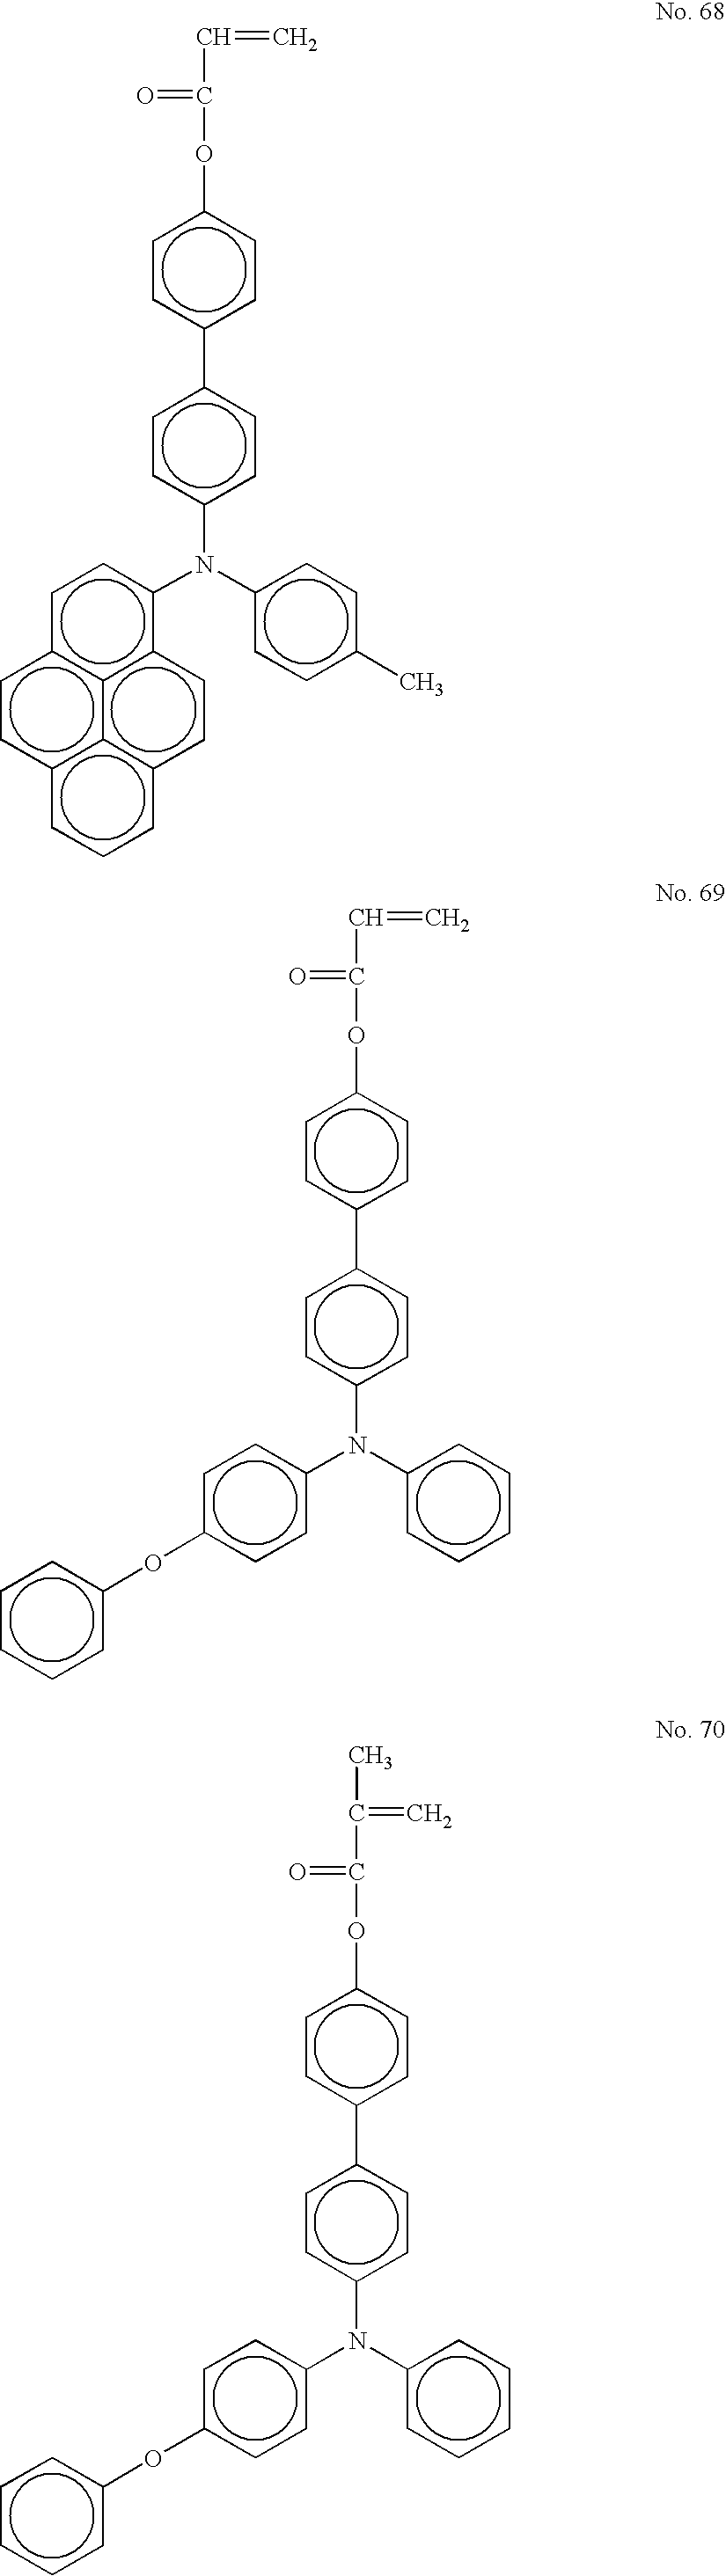 Figure US20100209842A1-20100819-C00025